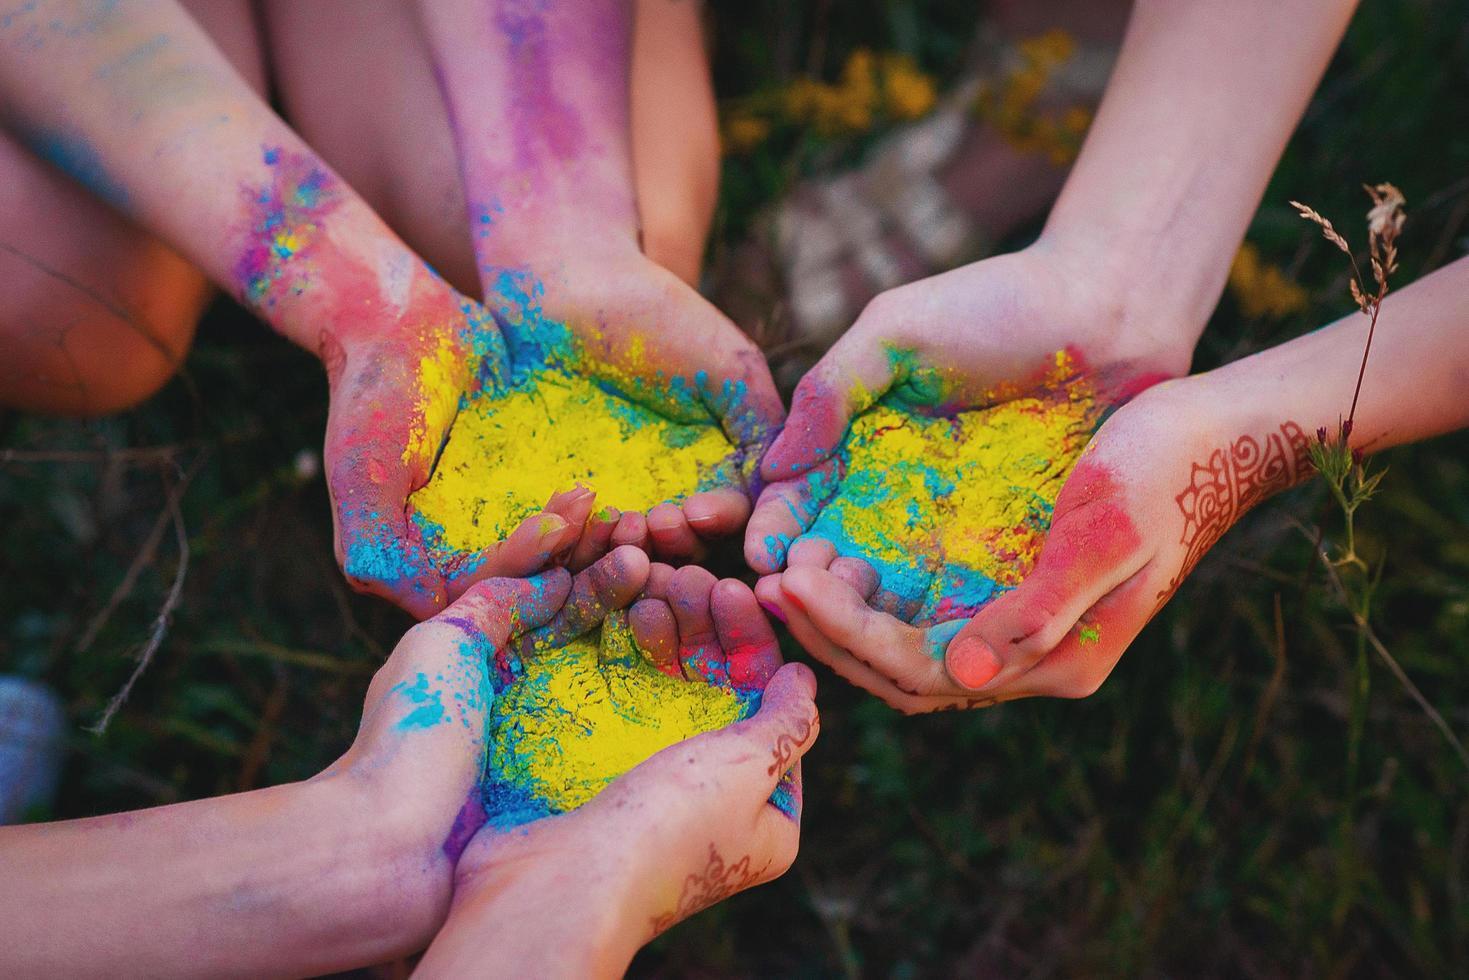 Polvo colorante multicolor en las manos en el festival del acebo. arcoíris. foto